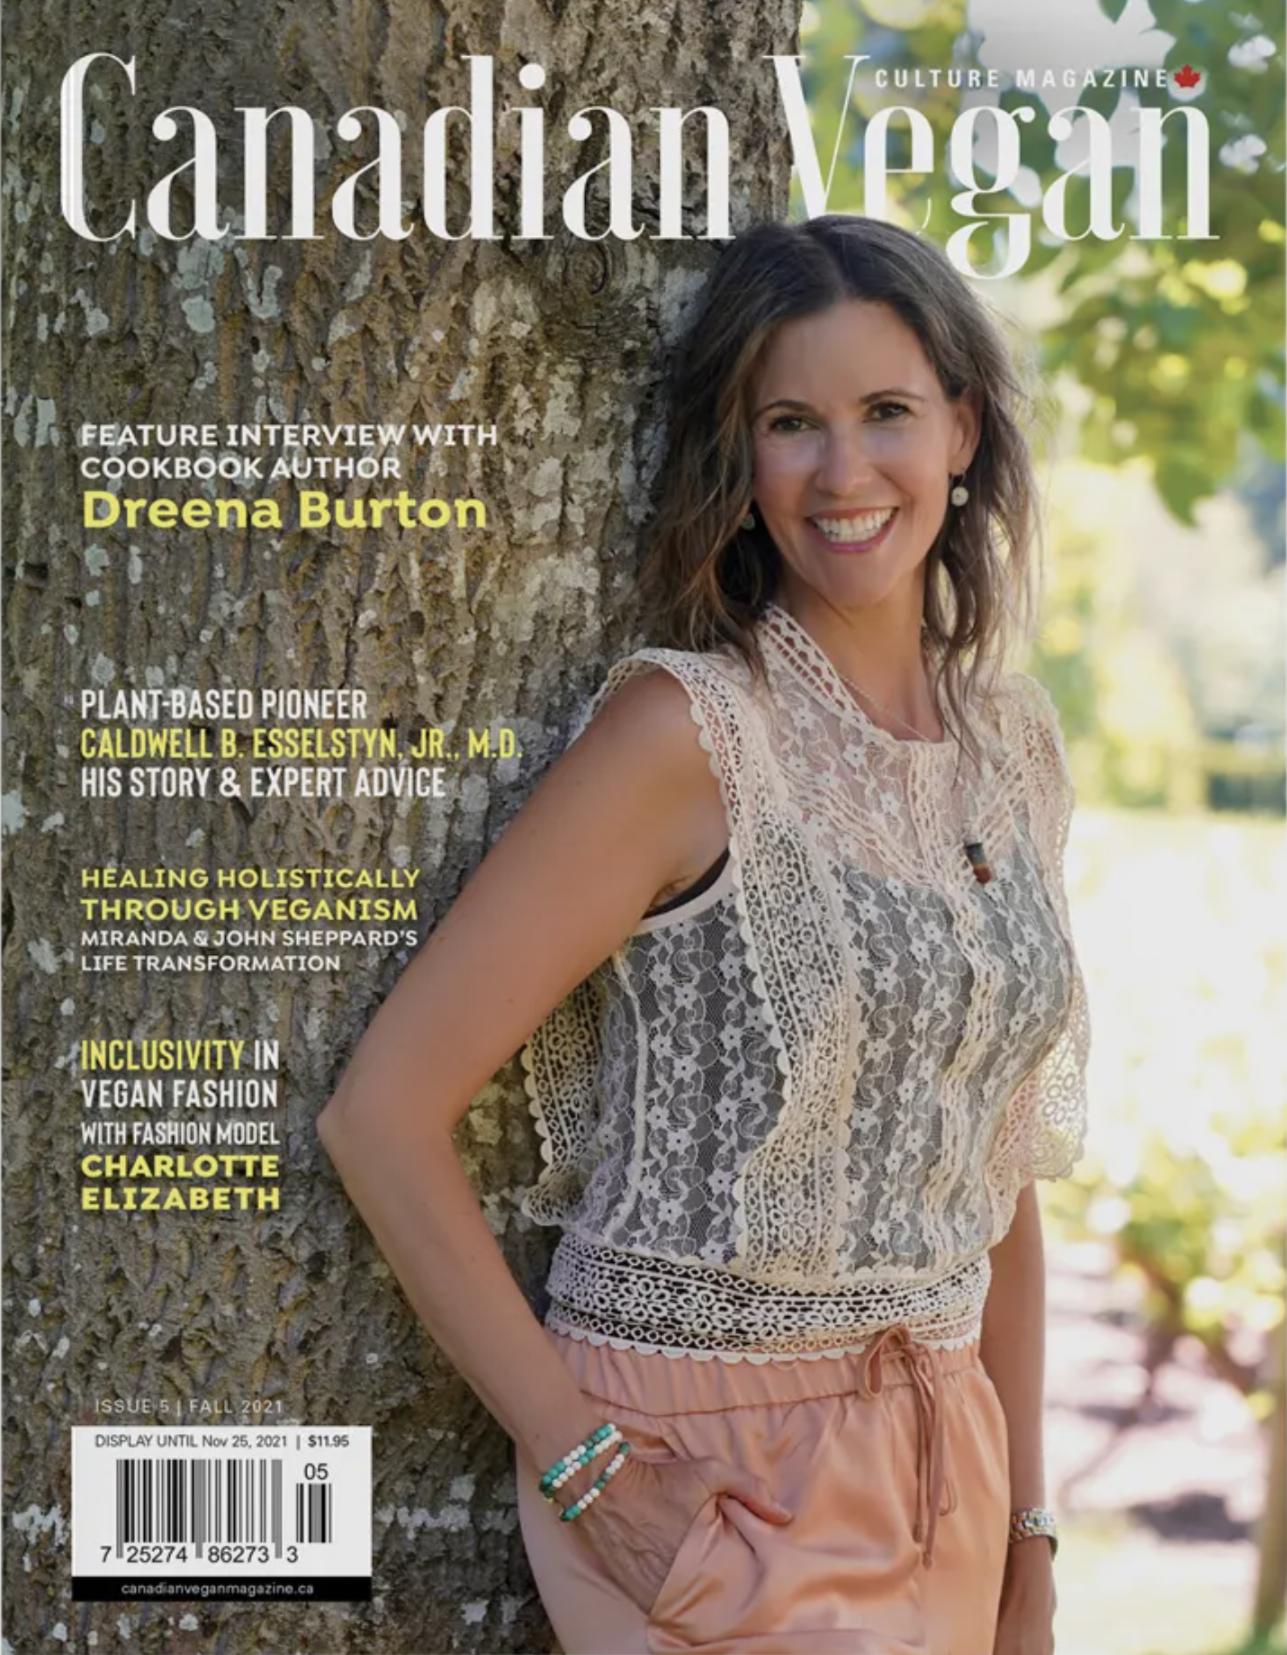 Canadian Vegan Magazine Issue 3